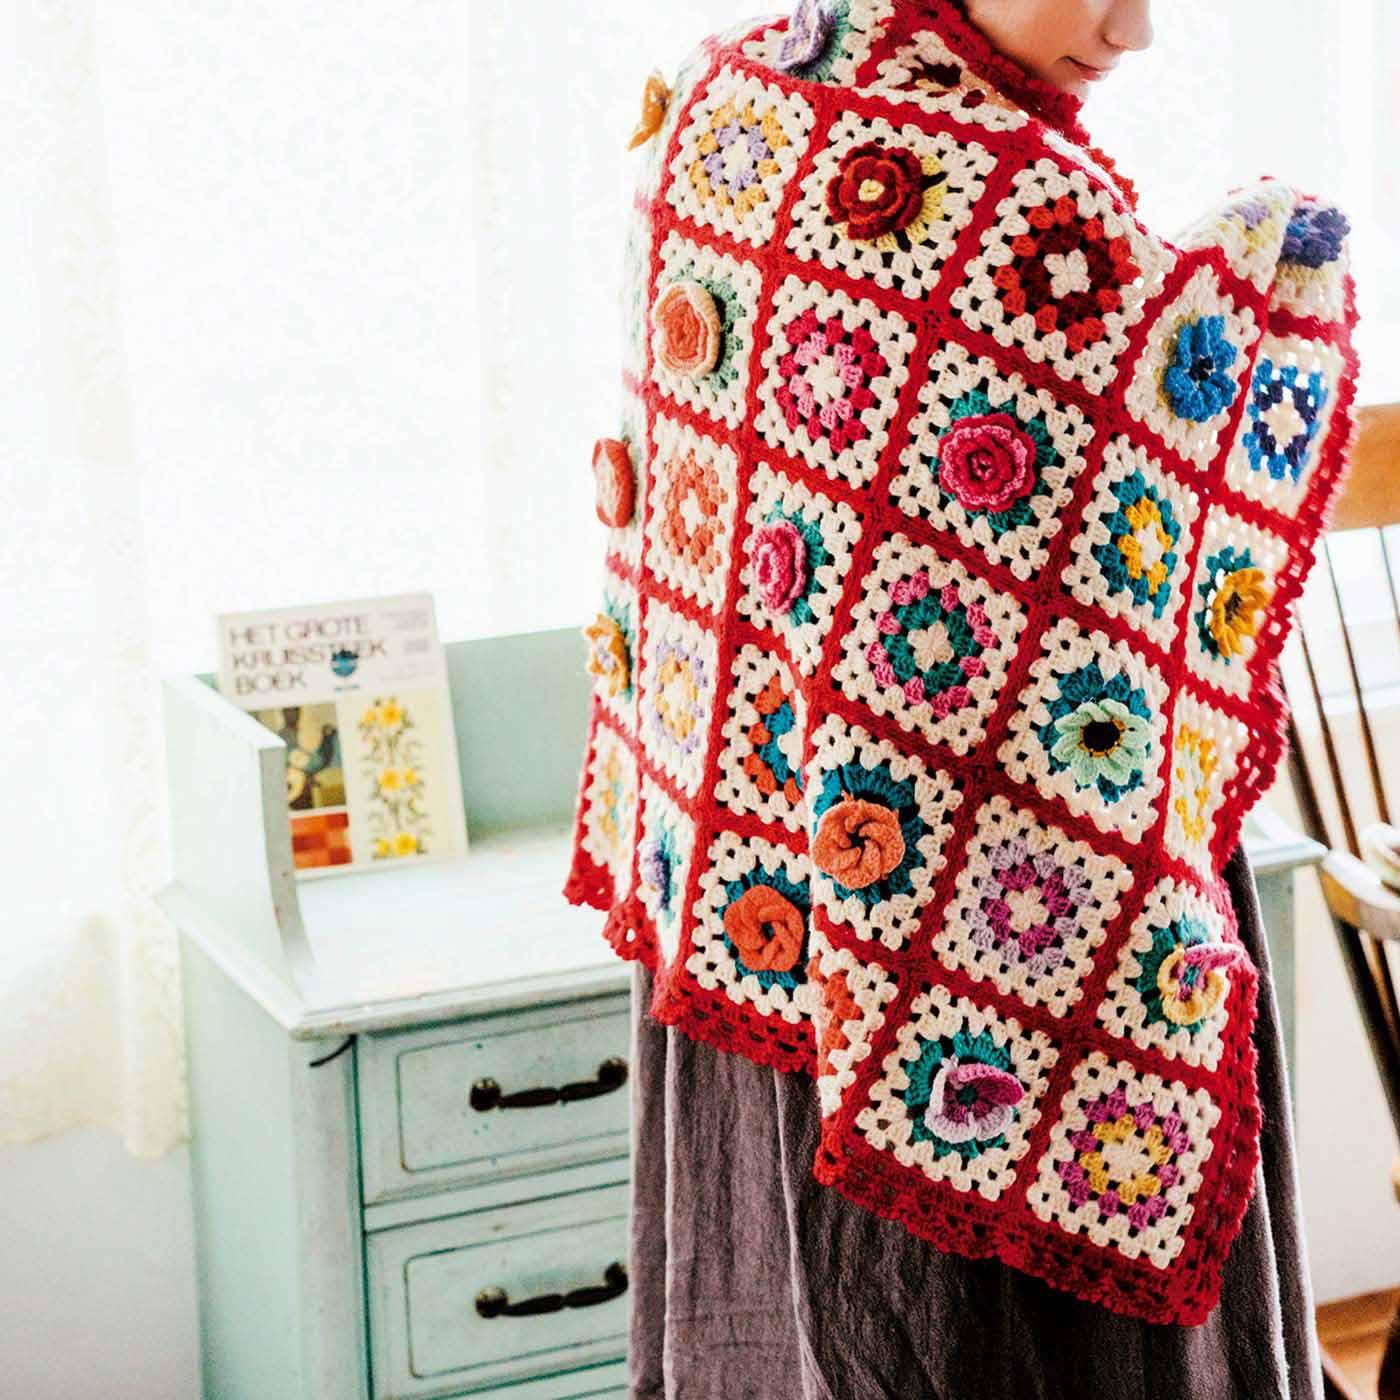 イングリッシュガーデンのお花たち かぎ針編みのカラフルモチーフブランケットの会